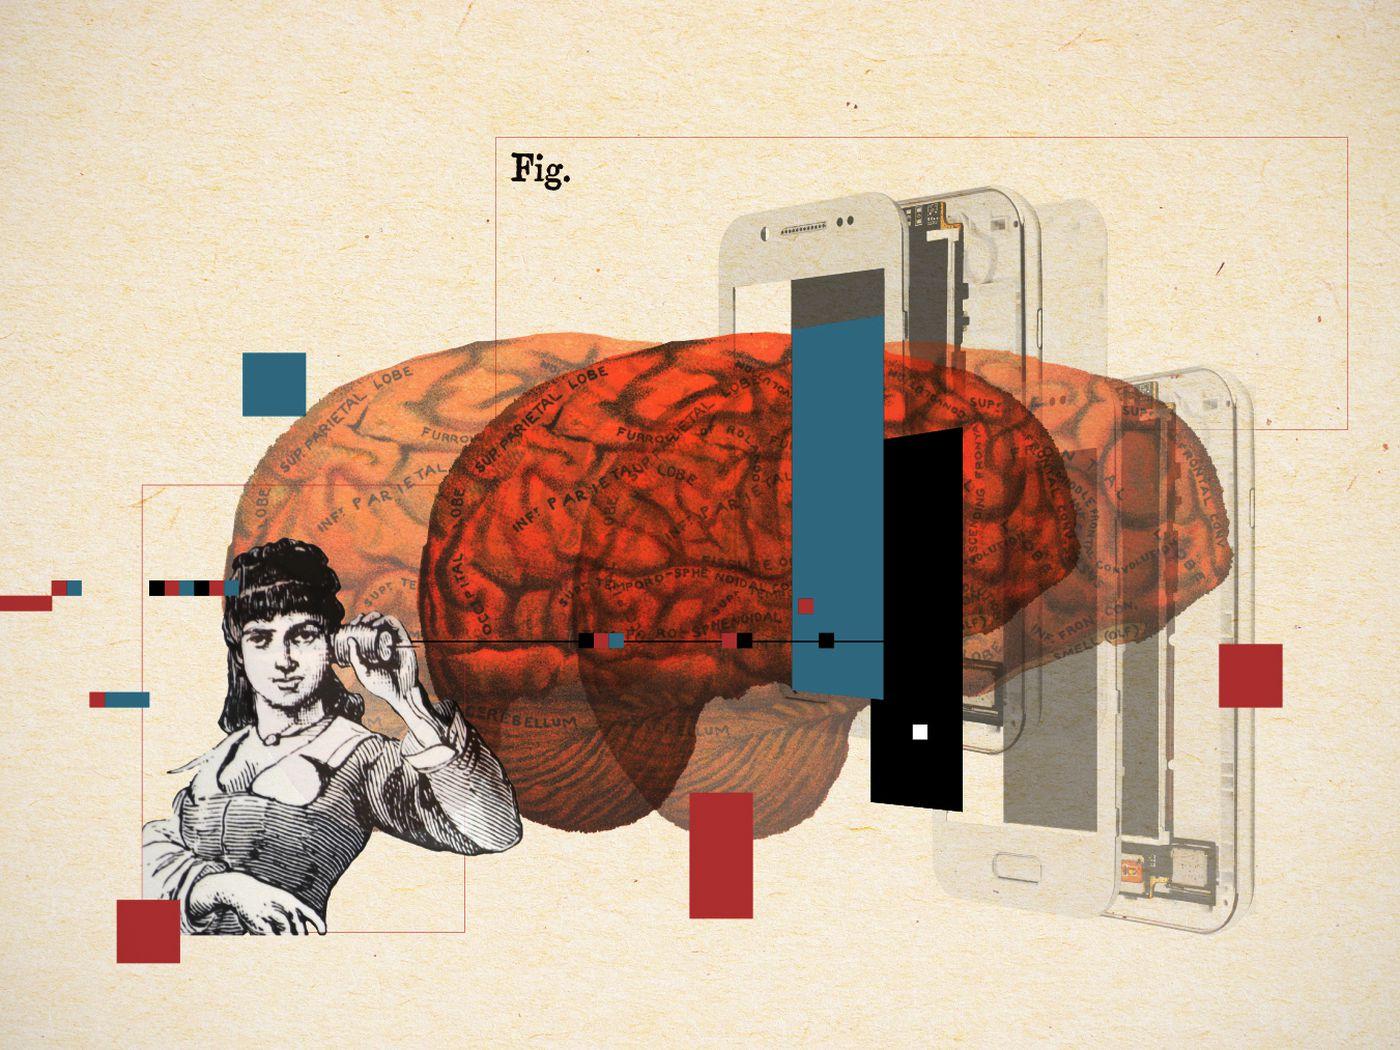 Смартфоны не влияют на психическое здоровье, а опасения на этот счет — да. Исследование